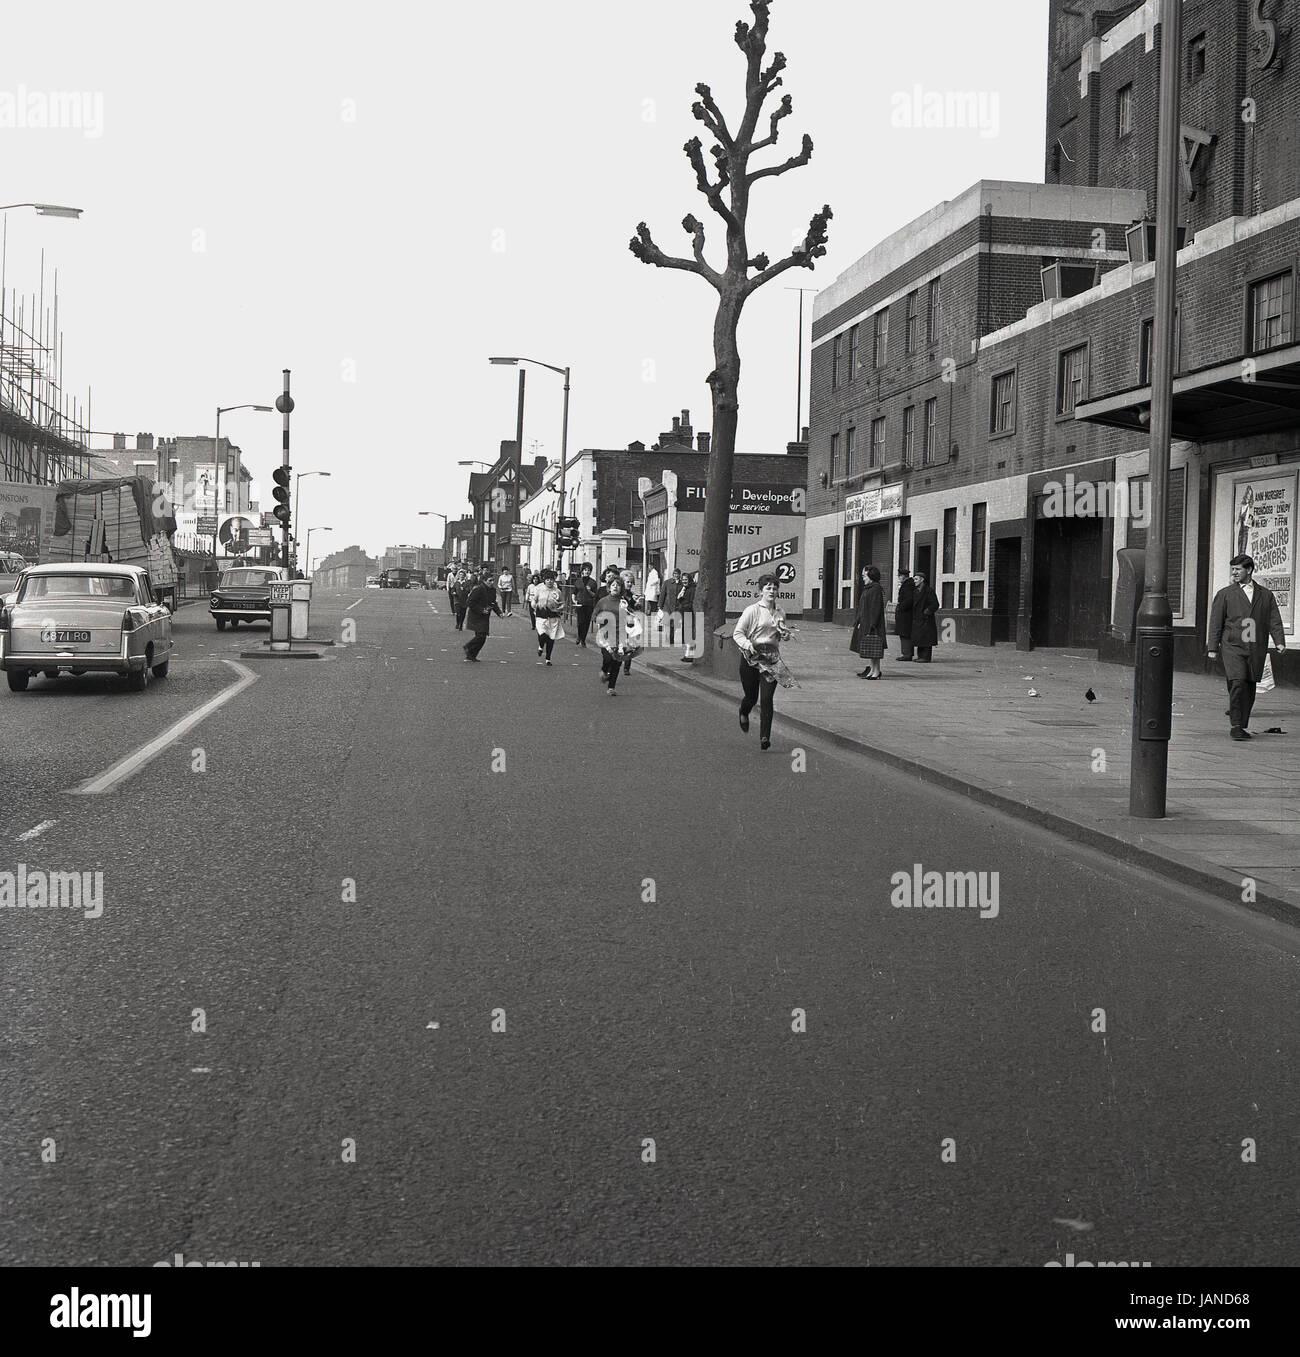 1965, historische, Bild zeigt eine Reihe von Damen der Old Kent Road, Peckham, London, mit Pfannen und Schürzen Stockbild